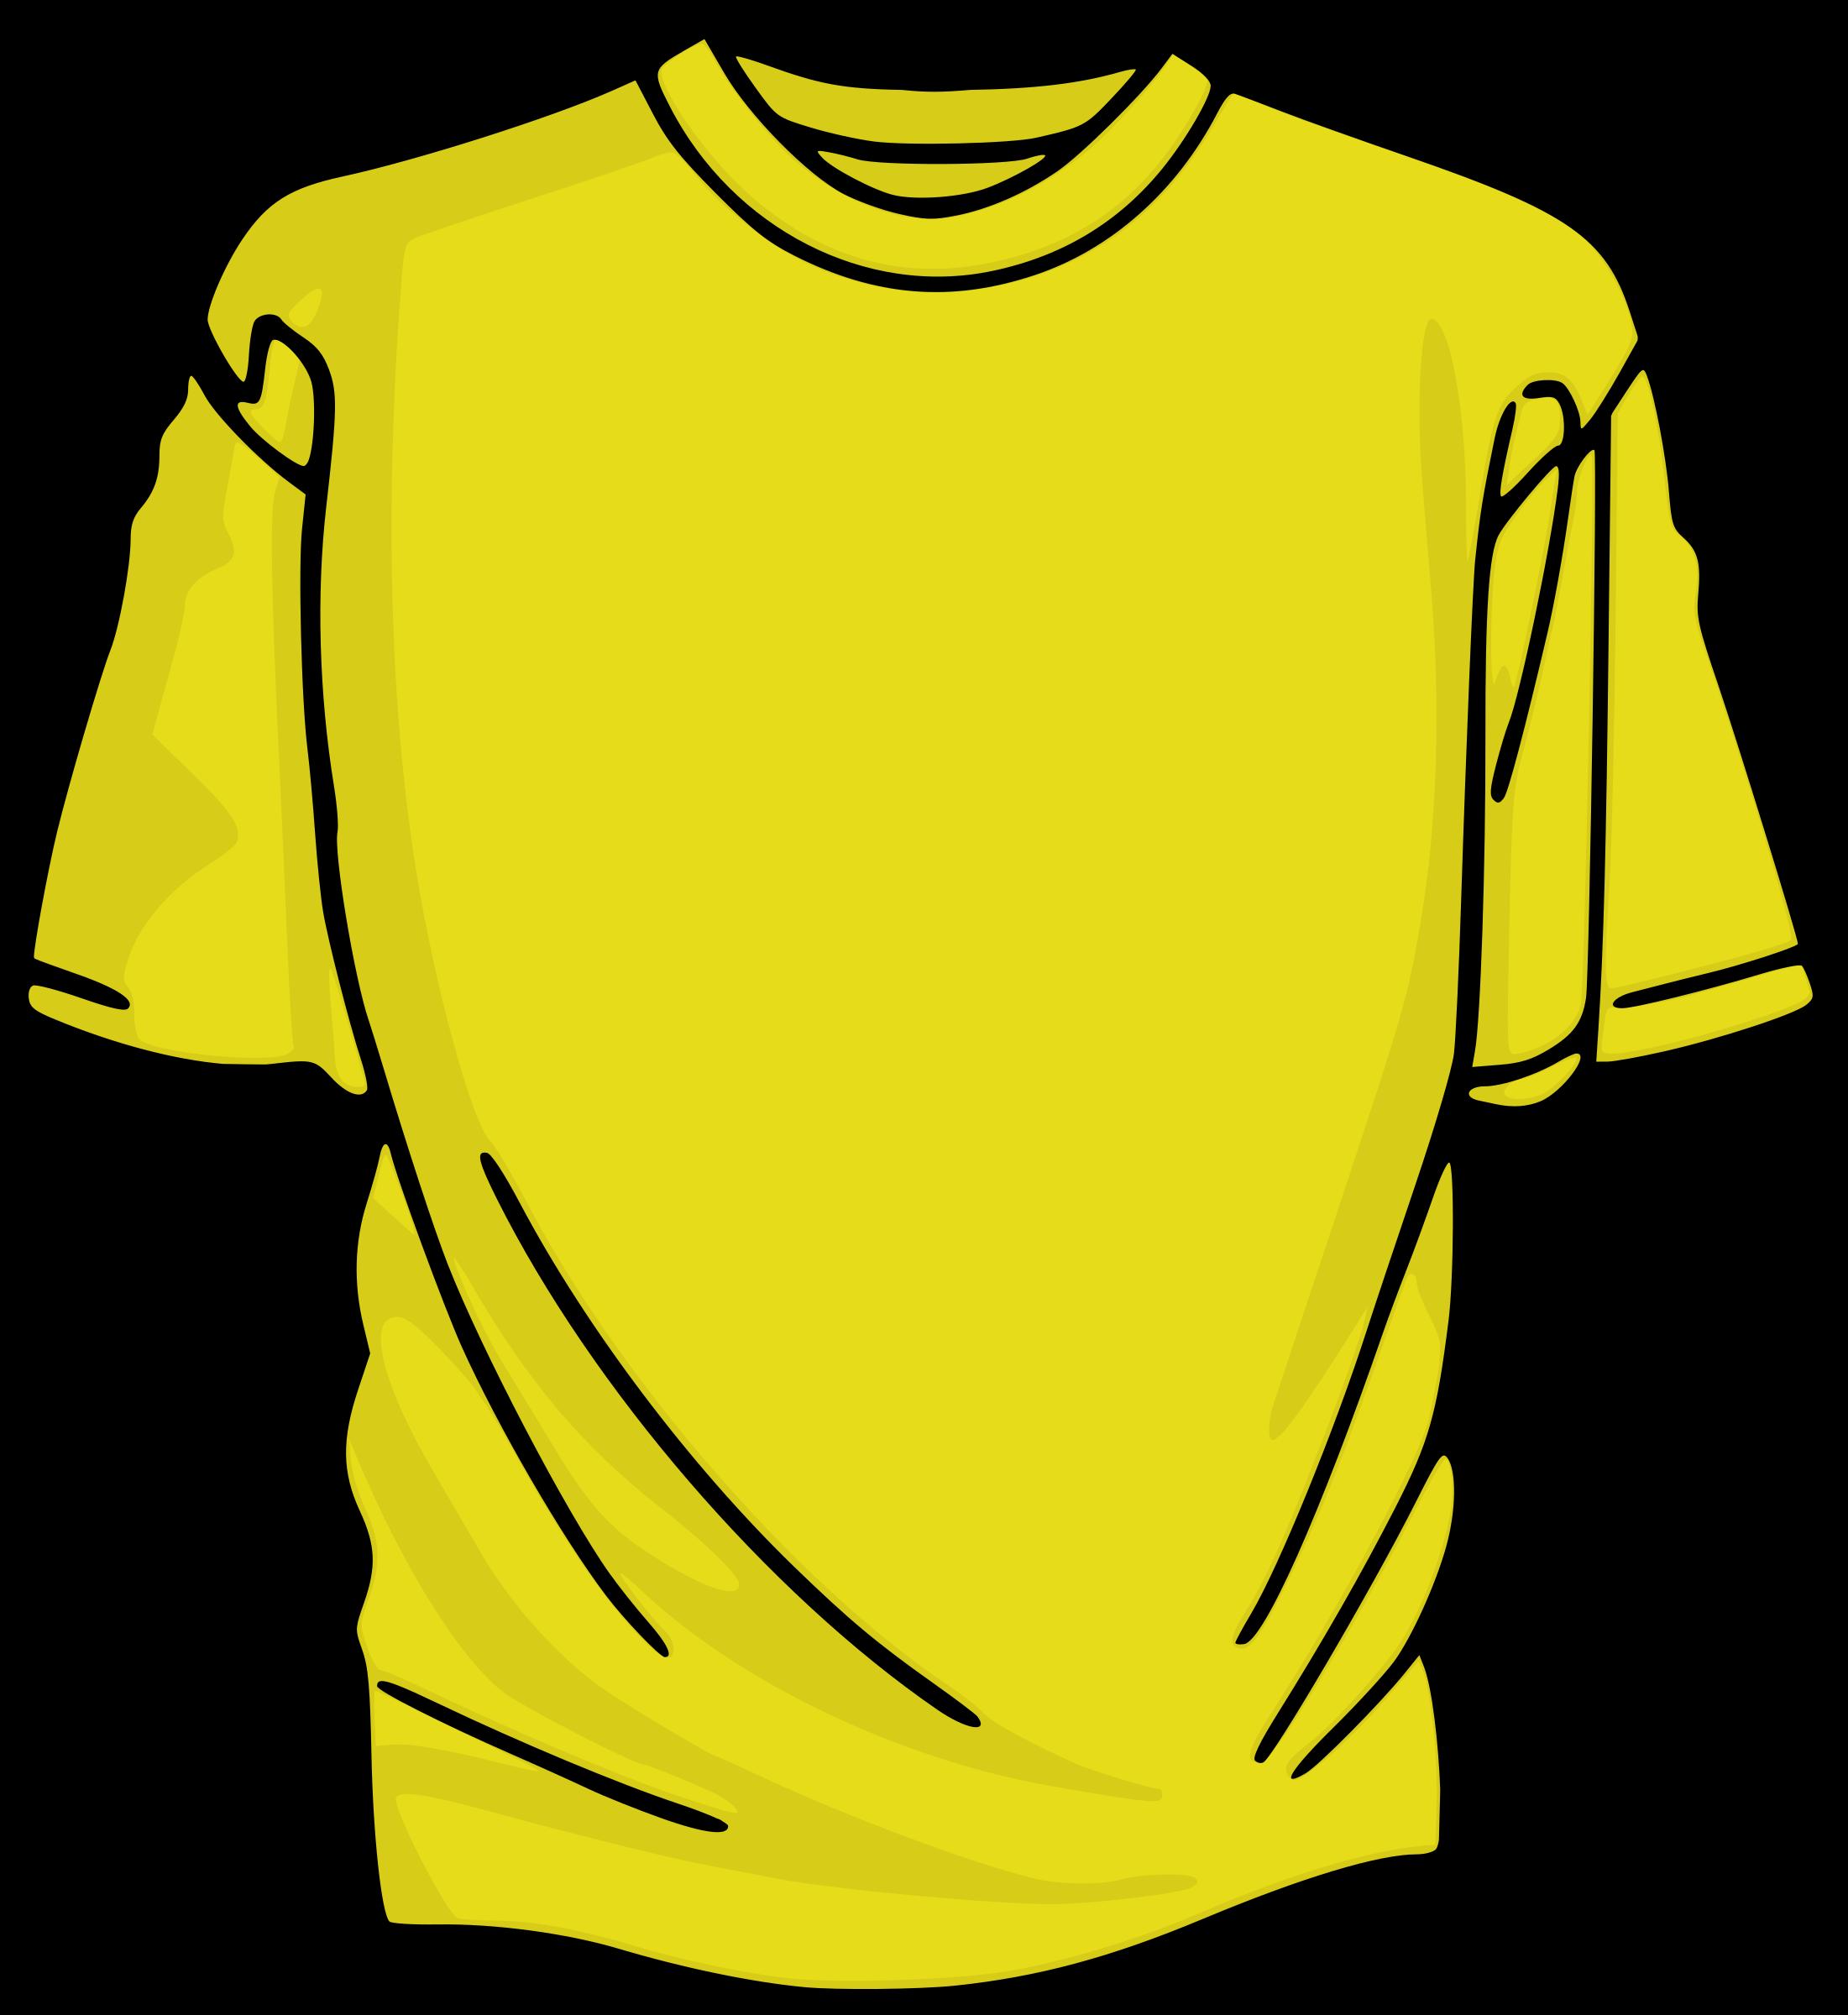 t shirt clip art designs clipart panda free clipart images rh clipartpanda com